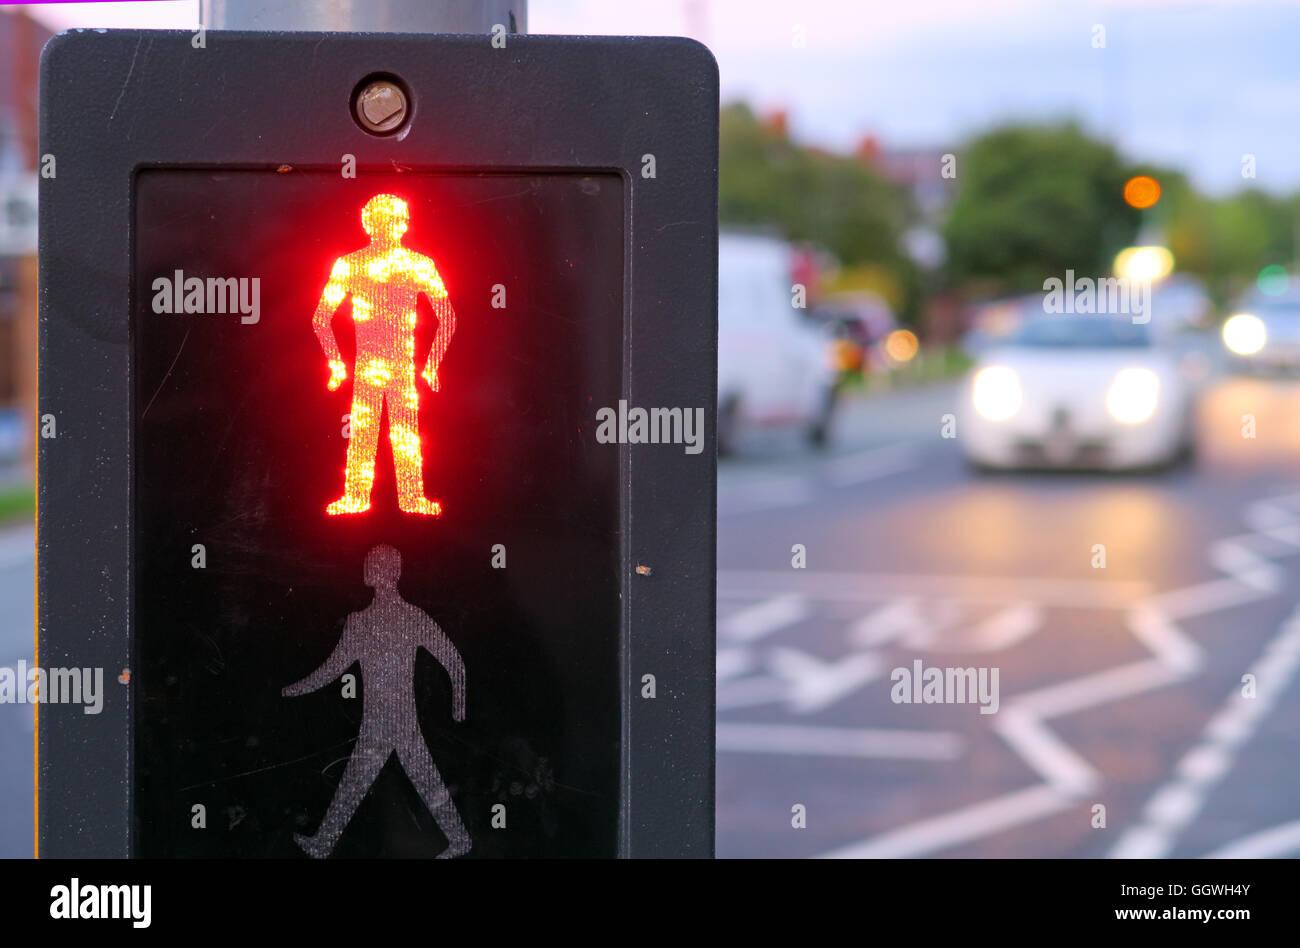 Laden Sie dieses Alamy Stockfoto Roter Mann bei UK Pelican Crossing, mit Abend Verkehr im Hintergrund - GGWH4Y